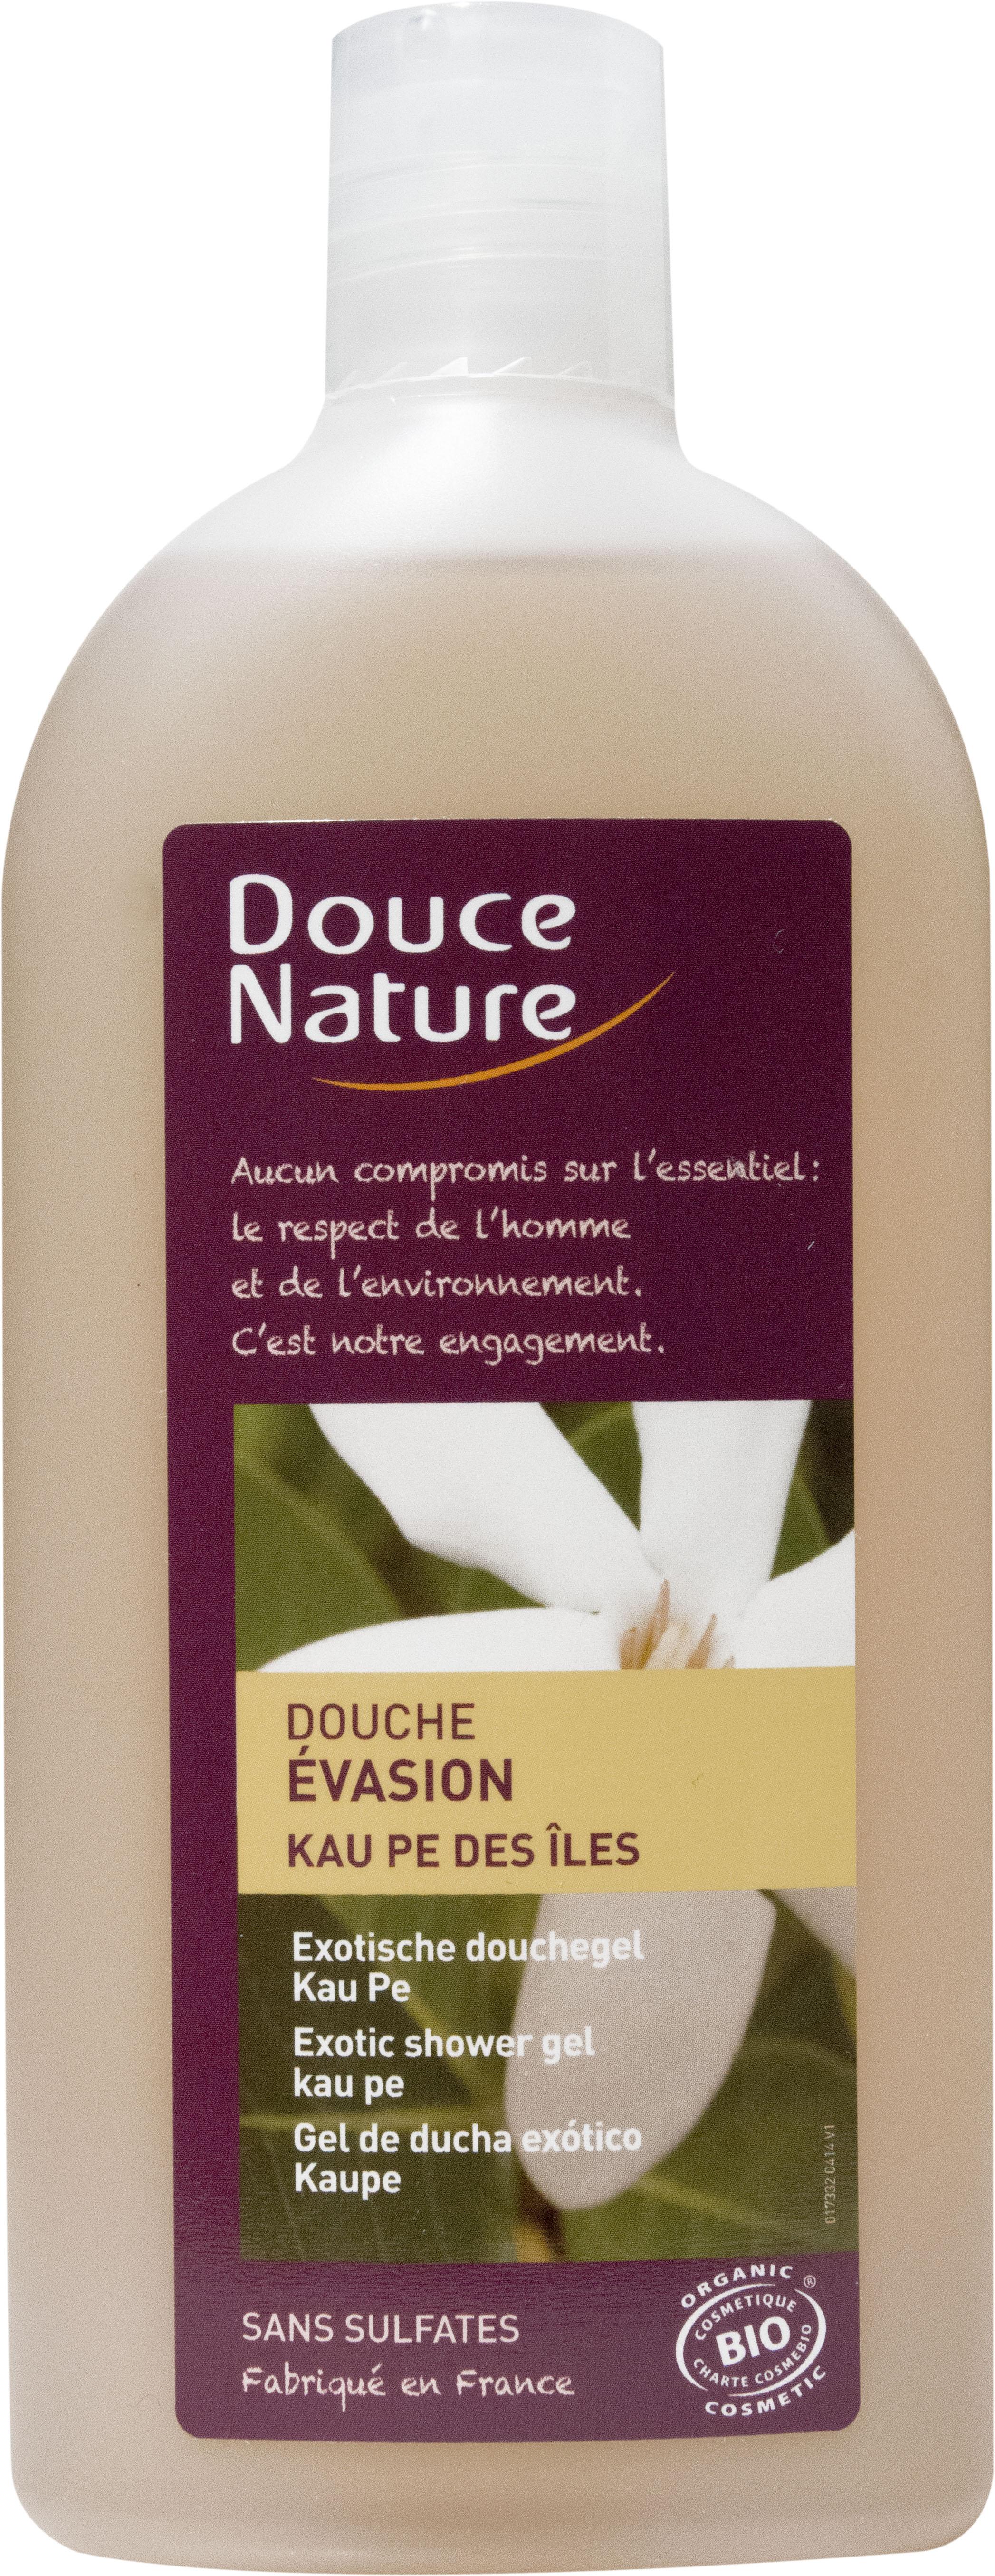 Douche évasion Kau pe des îles, Douce Nature (300 ml)